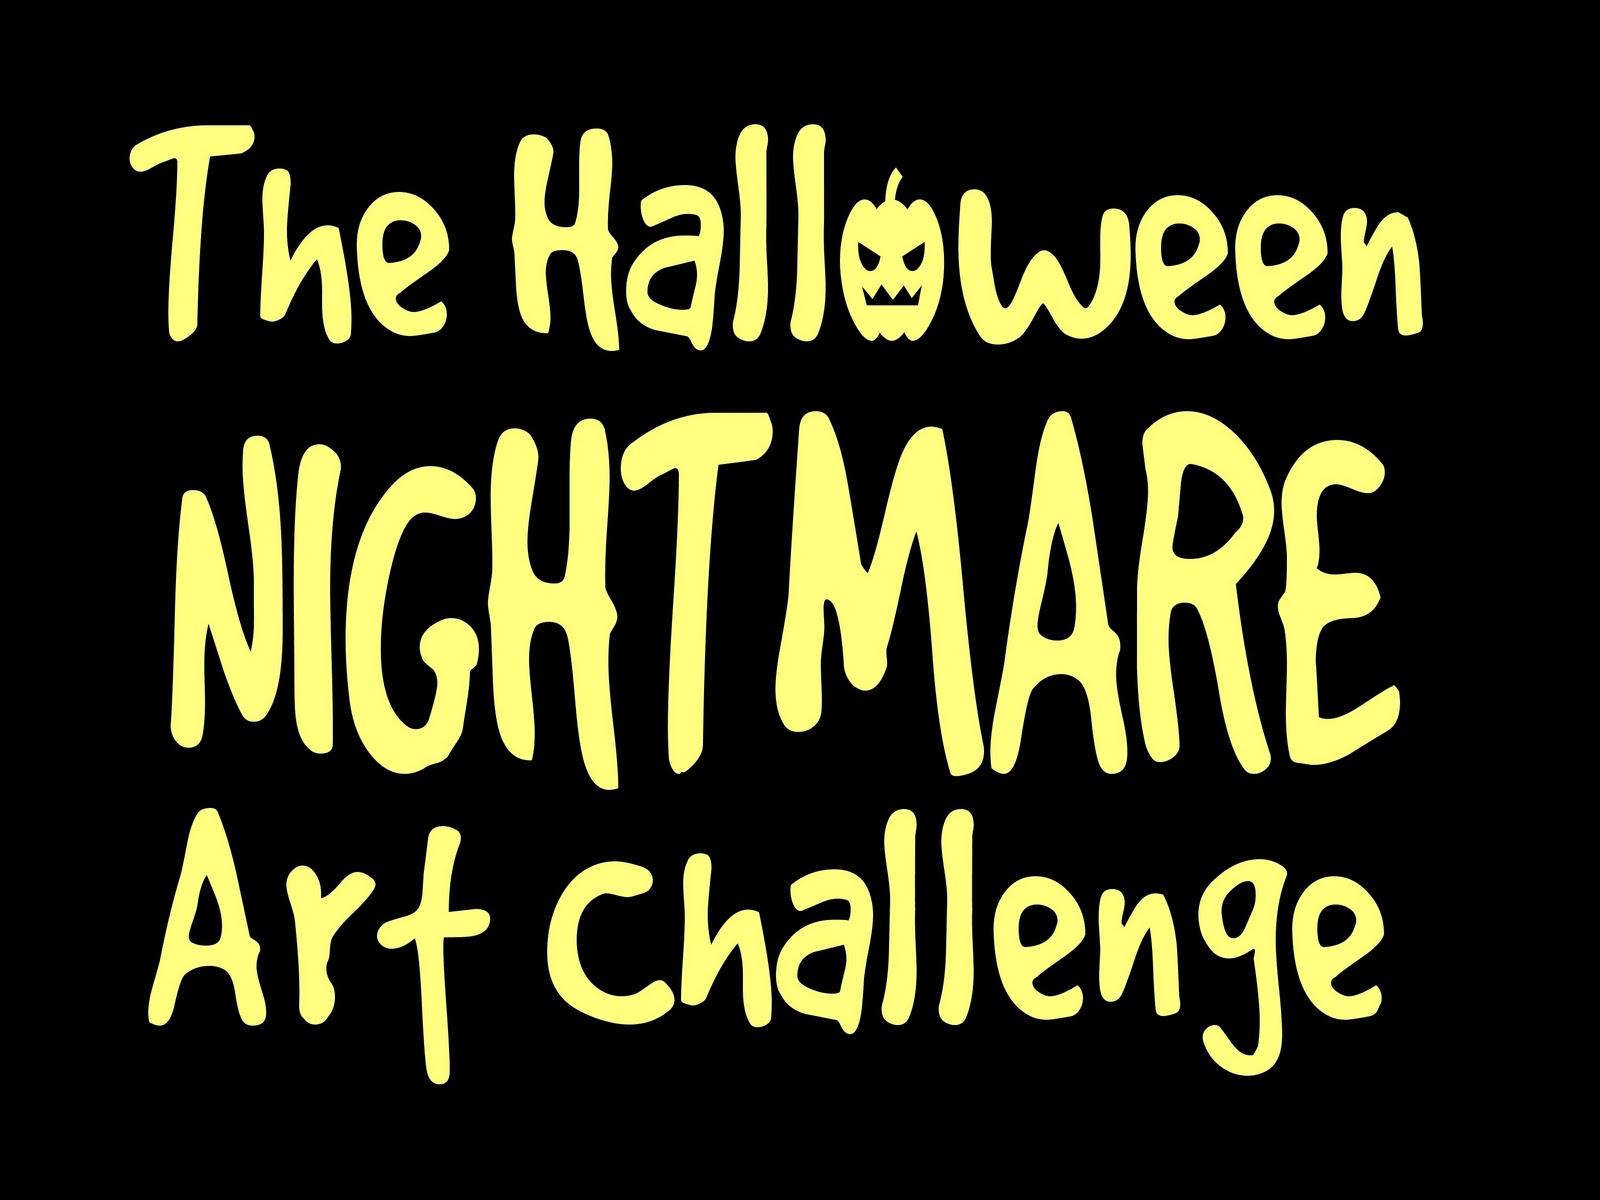 the halloween nightmare art challenge the results - Halloween Nightmare